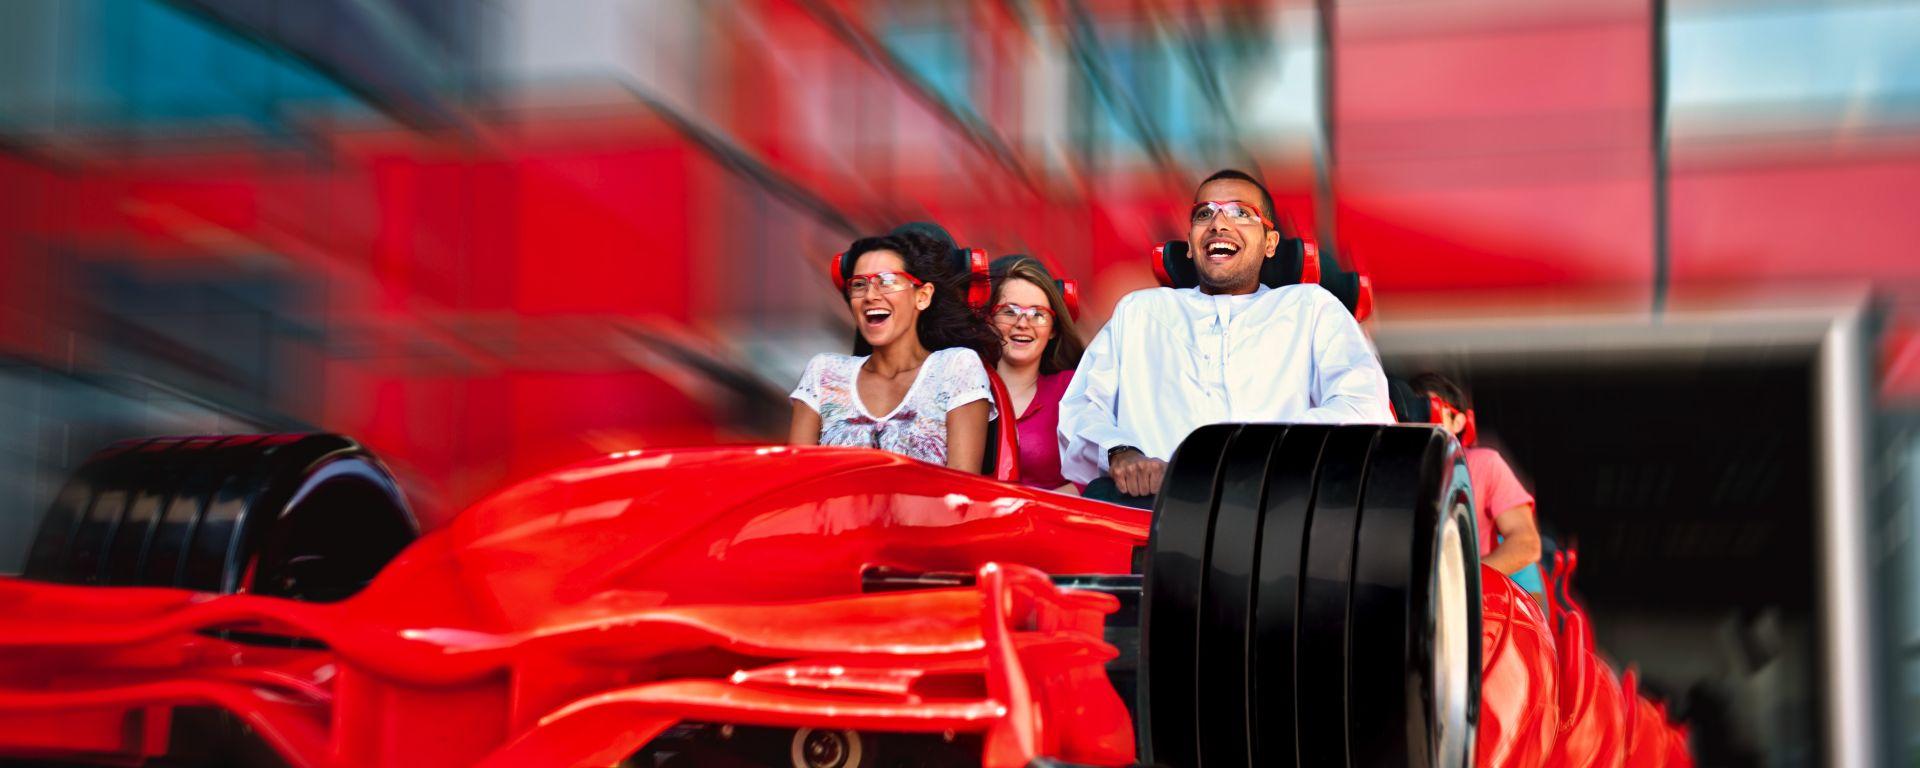 Apre il Ferrari World, ecco i prezzi dei biglietti